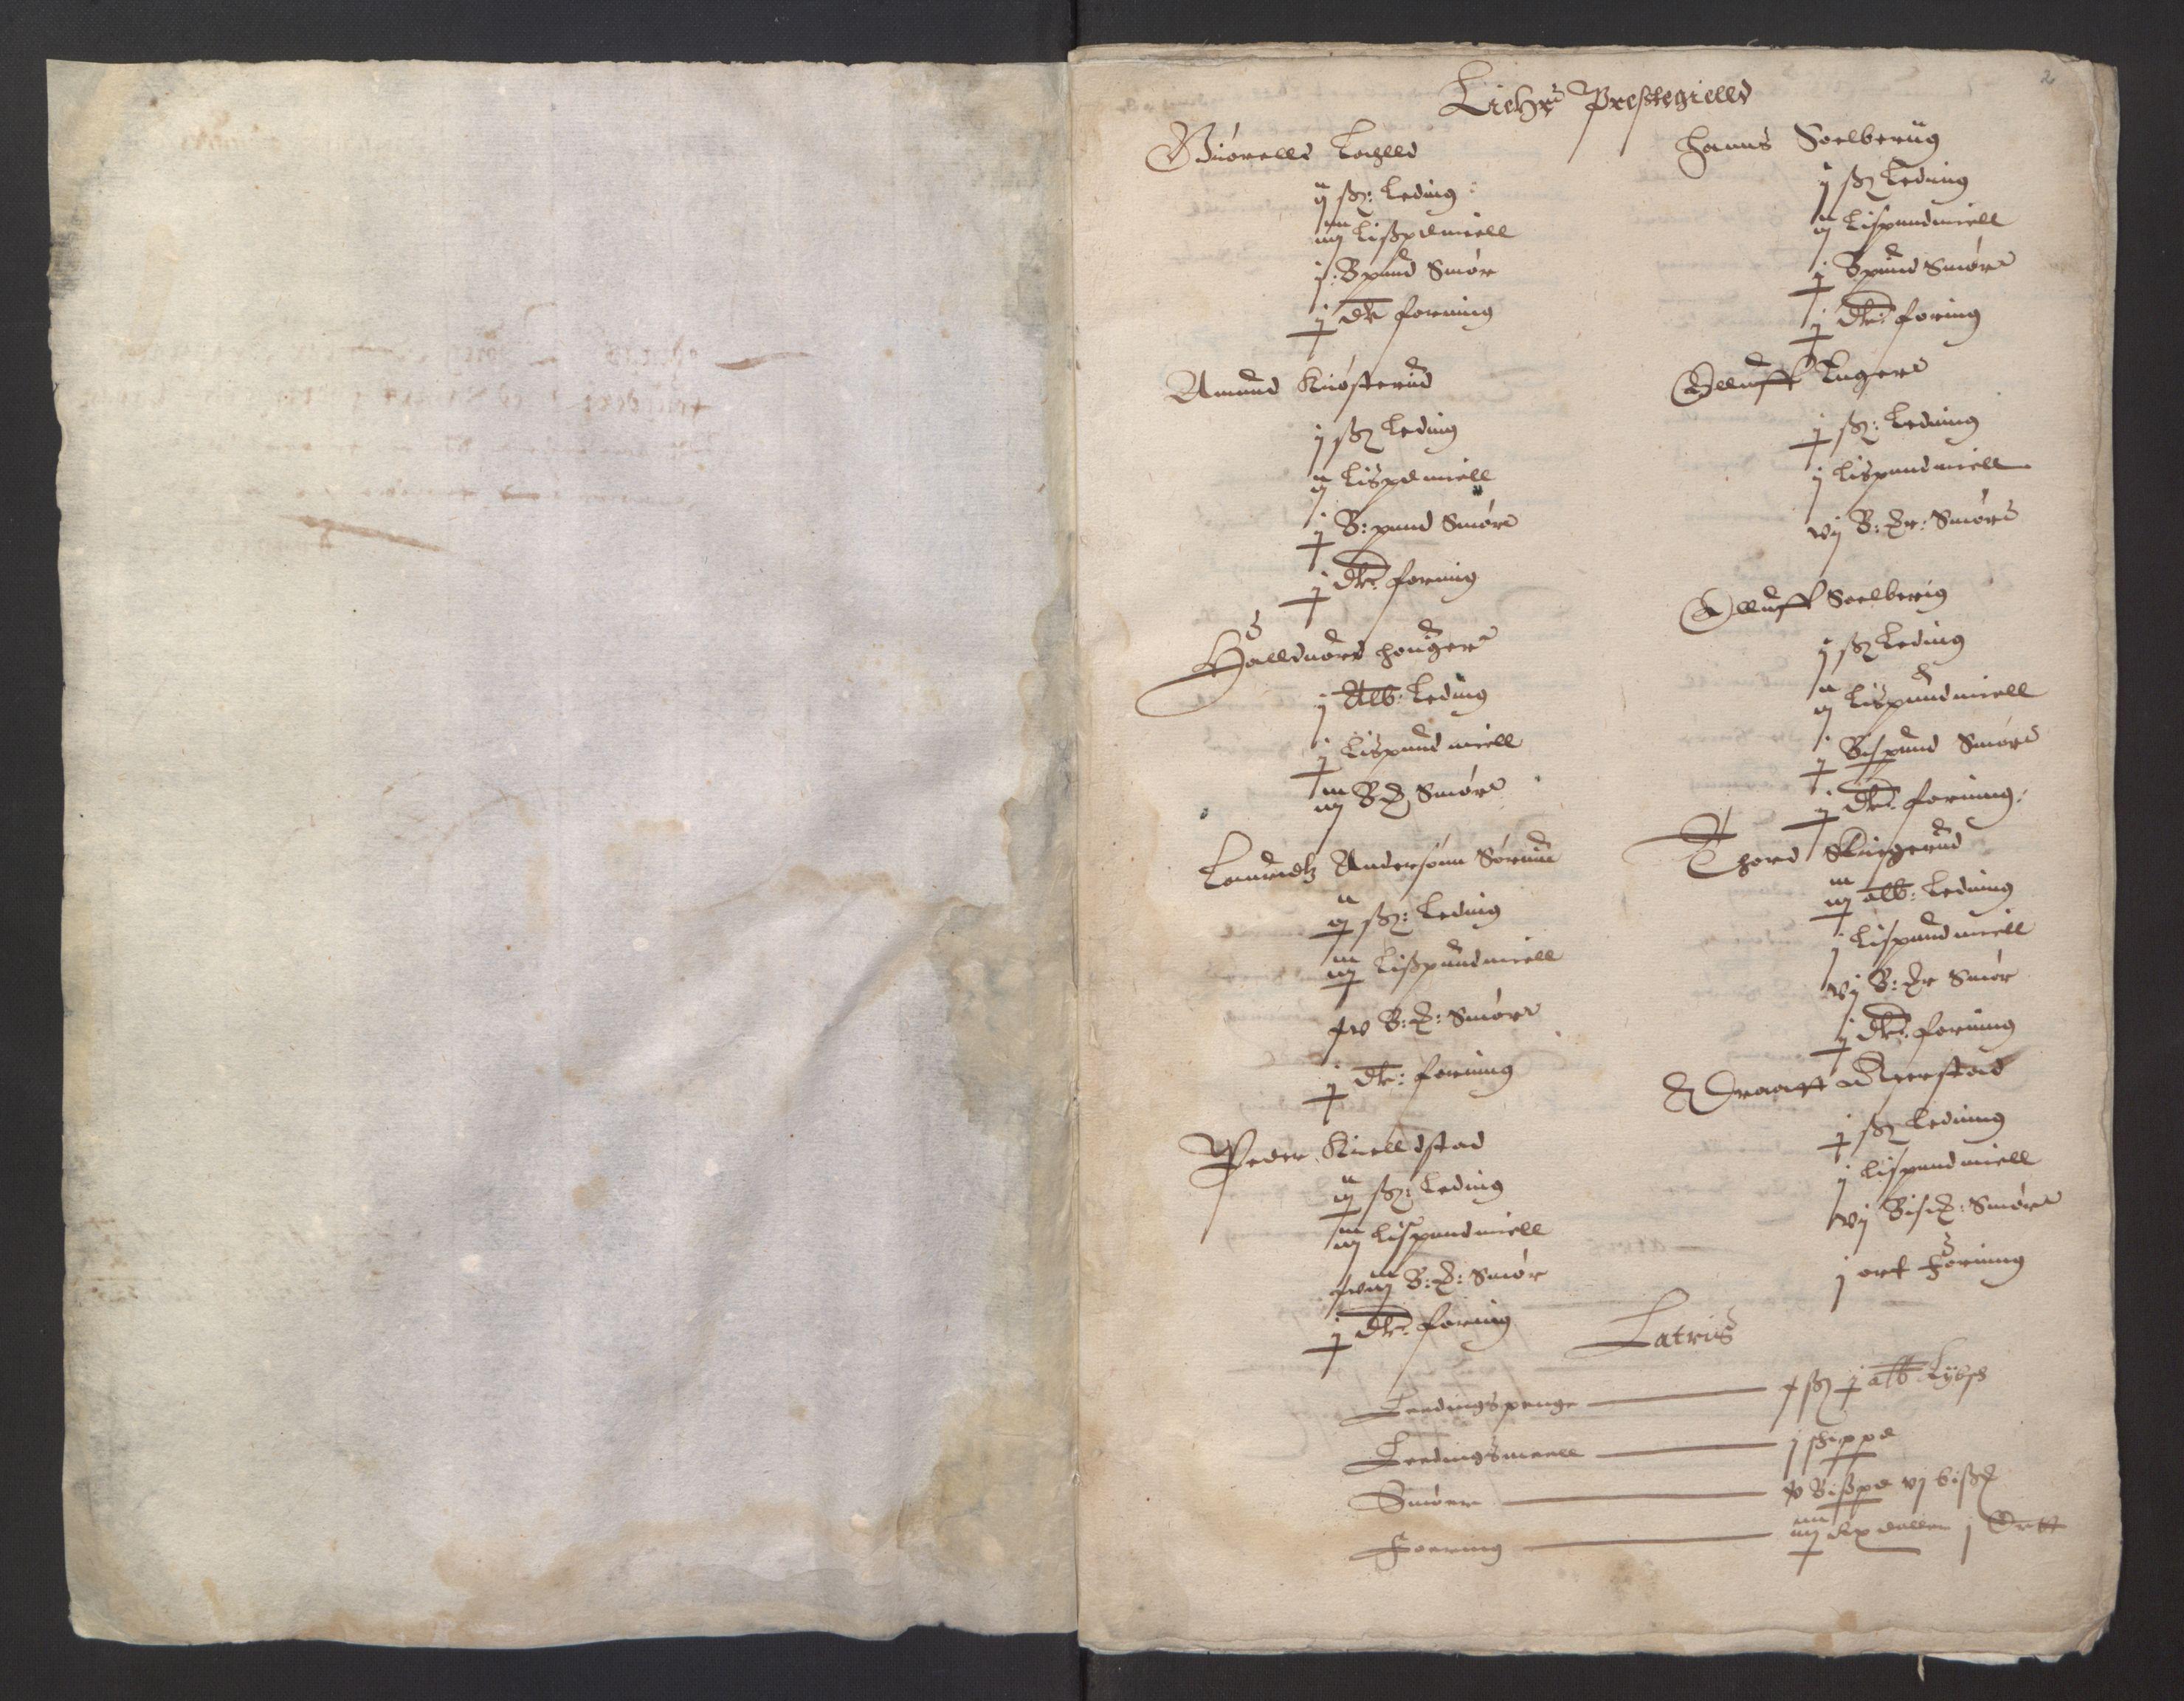 RA, Stattholderembetet 1572-1771, Ek/L0001: Jordebøker før 1624 og til utligning av garnisonsskatt 1624-1626:, 1624-1625, s. 254